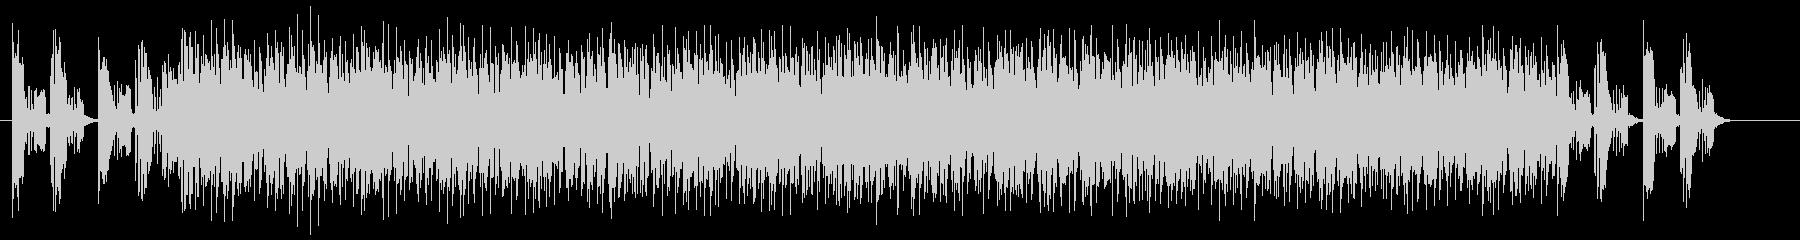 疾走感と勢いのシンセギターサウンドの未再生の波形